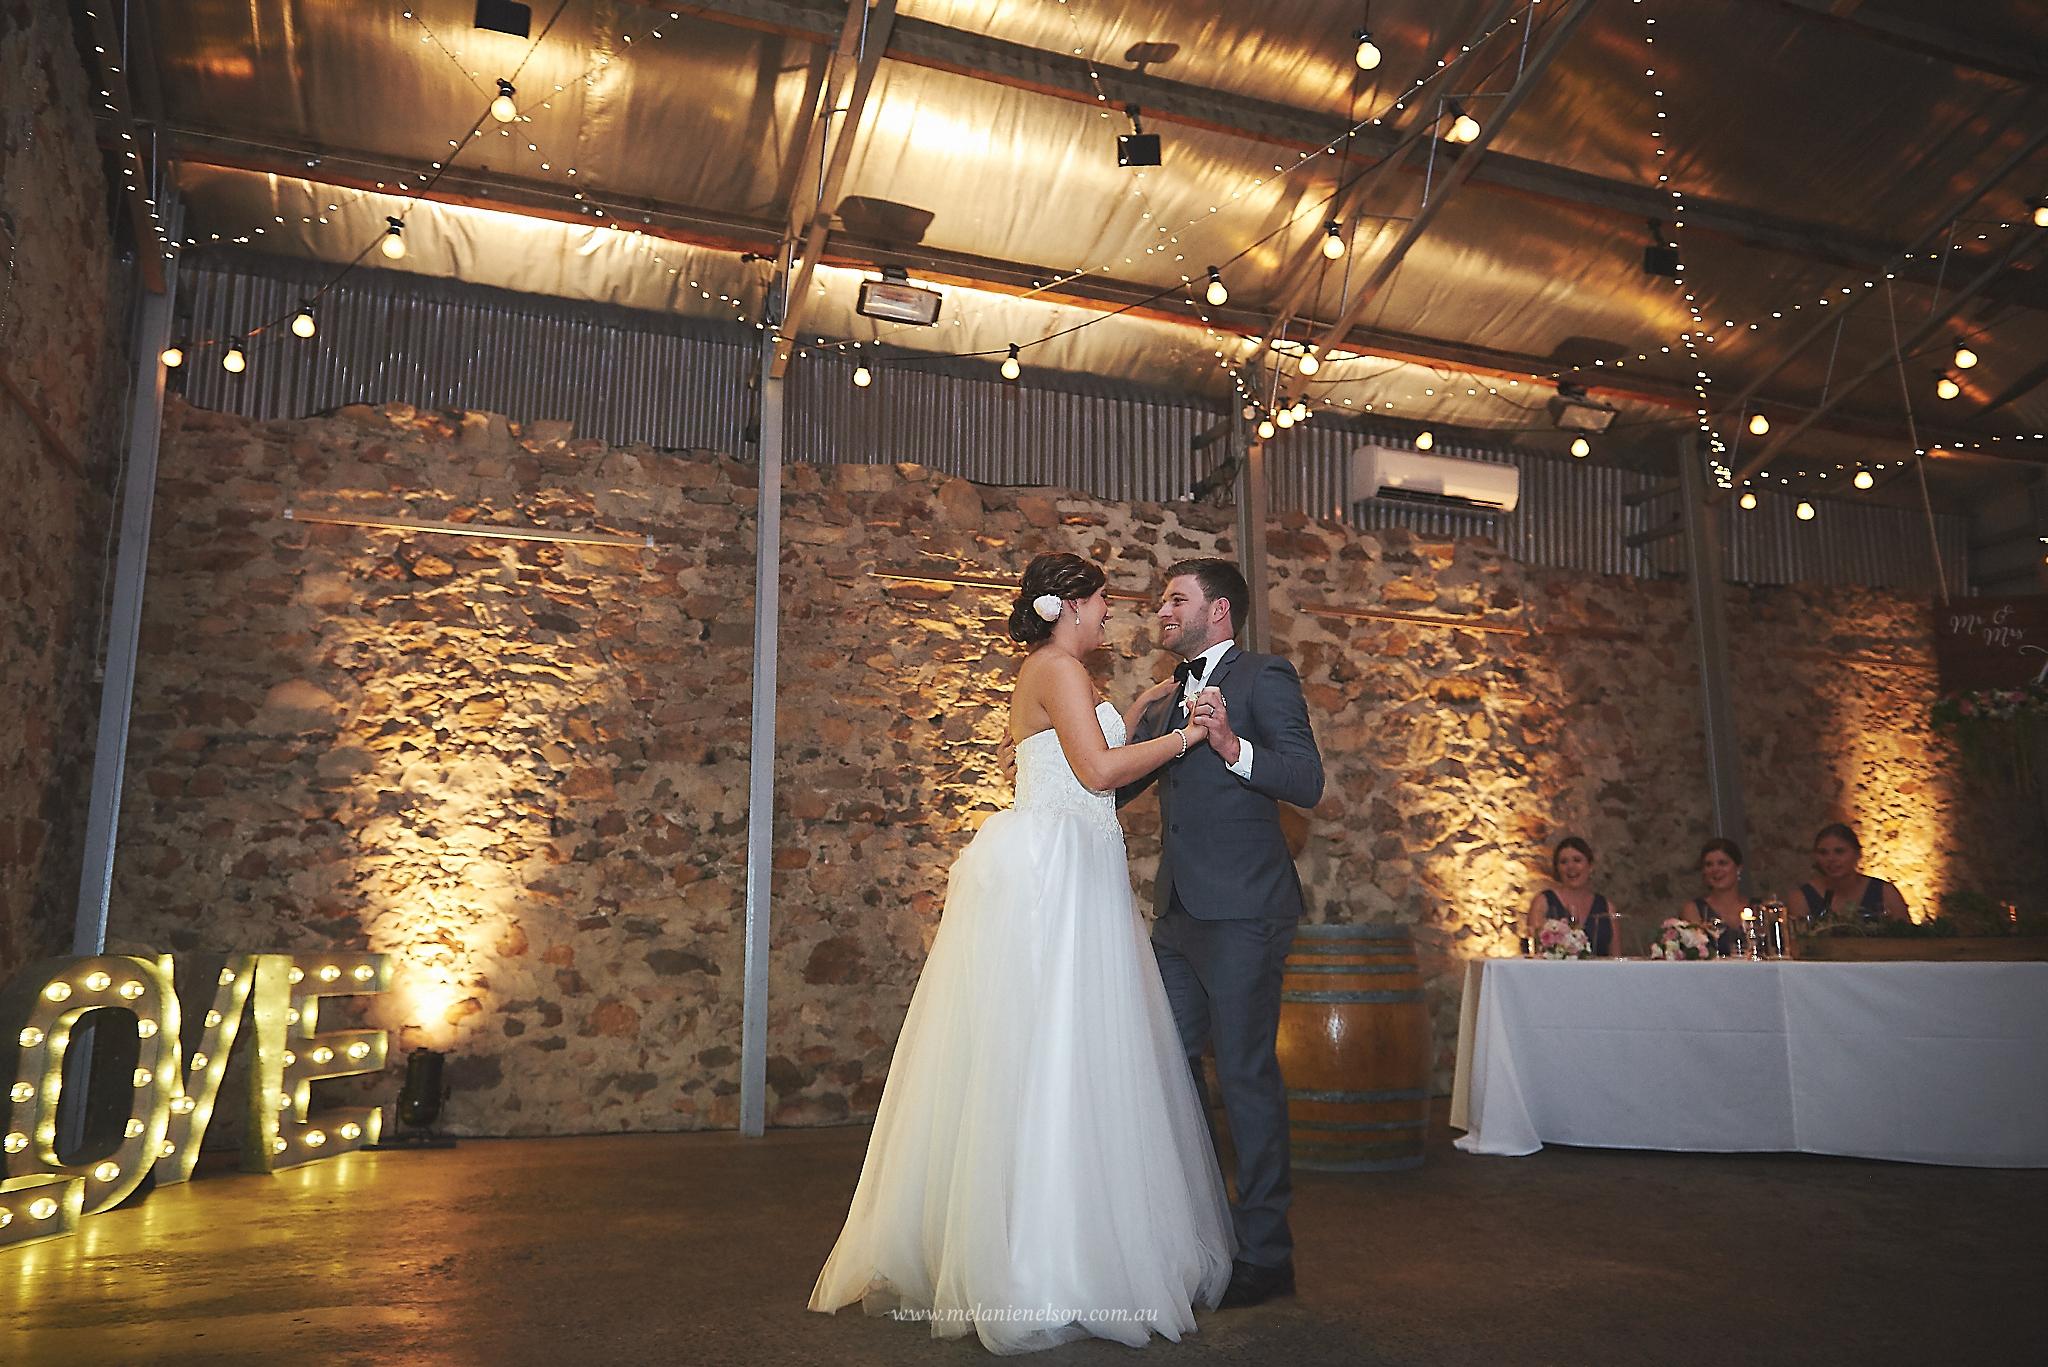 howards_vineyard_wedding_0042.jpg